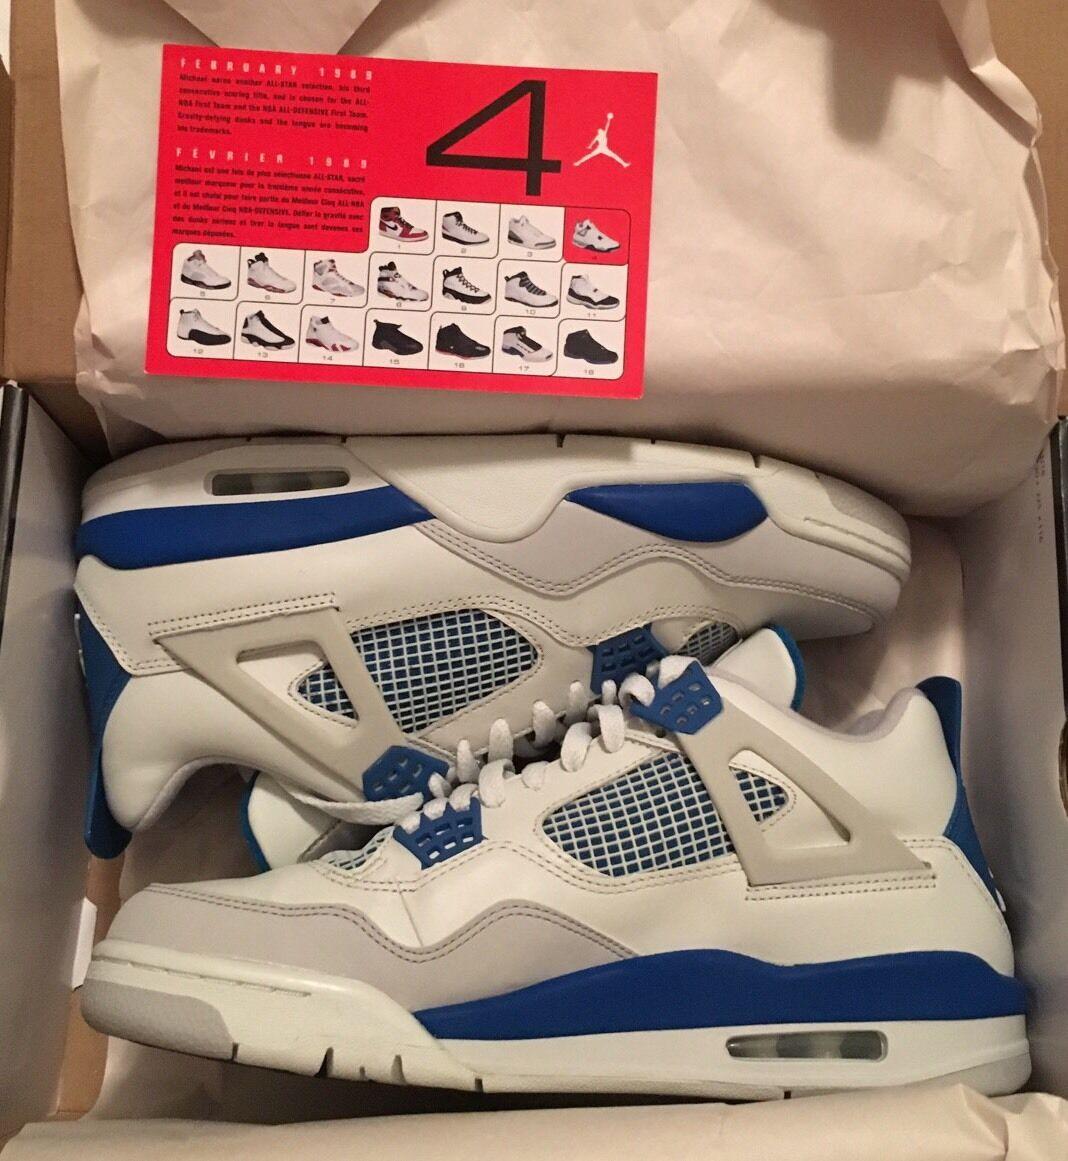 Nike Air Jordan Retro 4 IV Azul, gris militar talla descuento 10 super rarasEl último descuento talla zapatos para hombres y mujeres cf90db